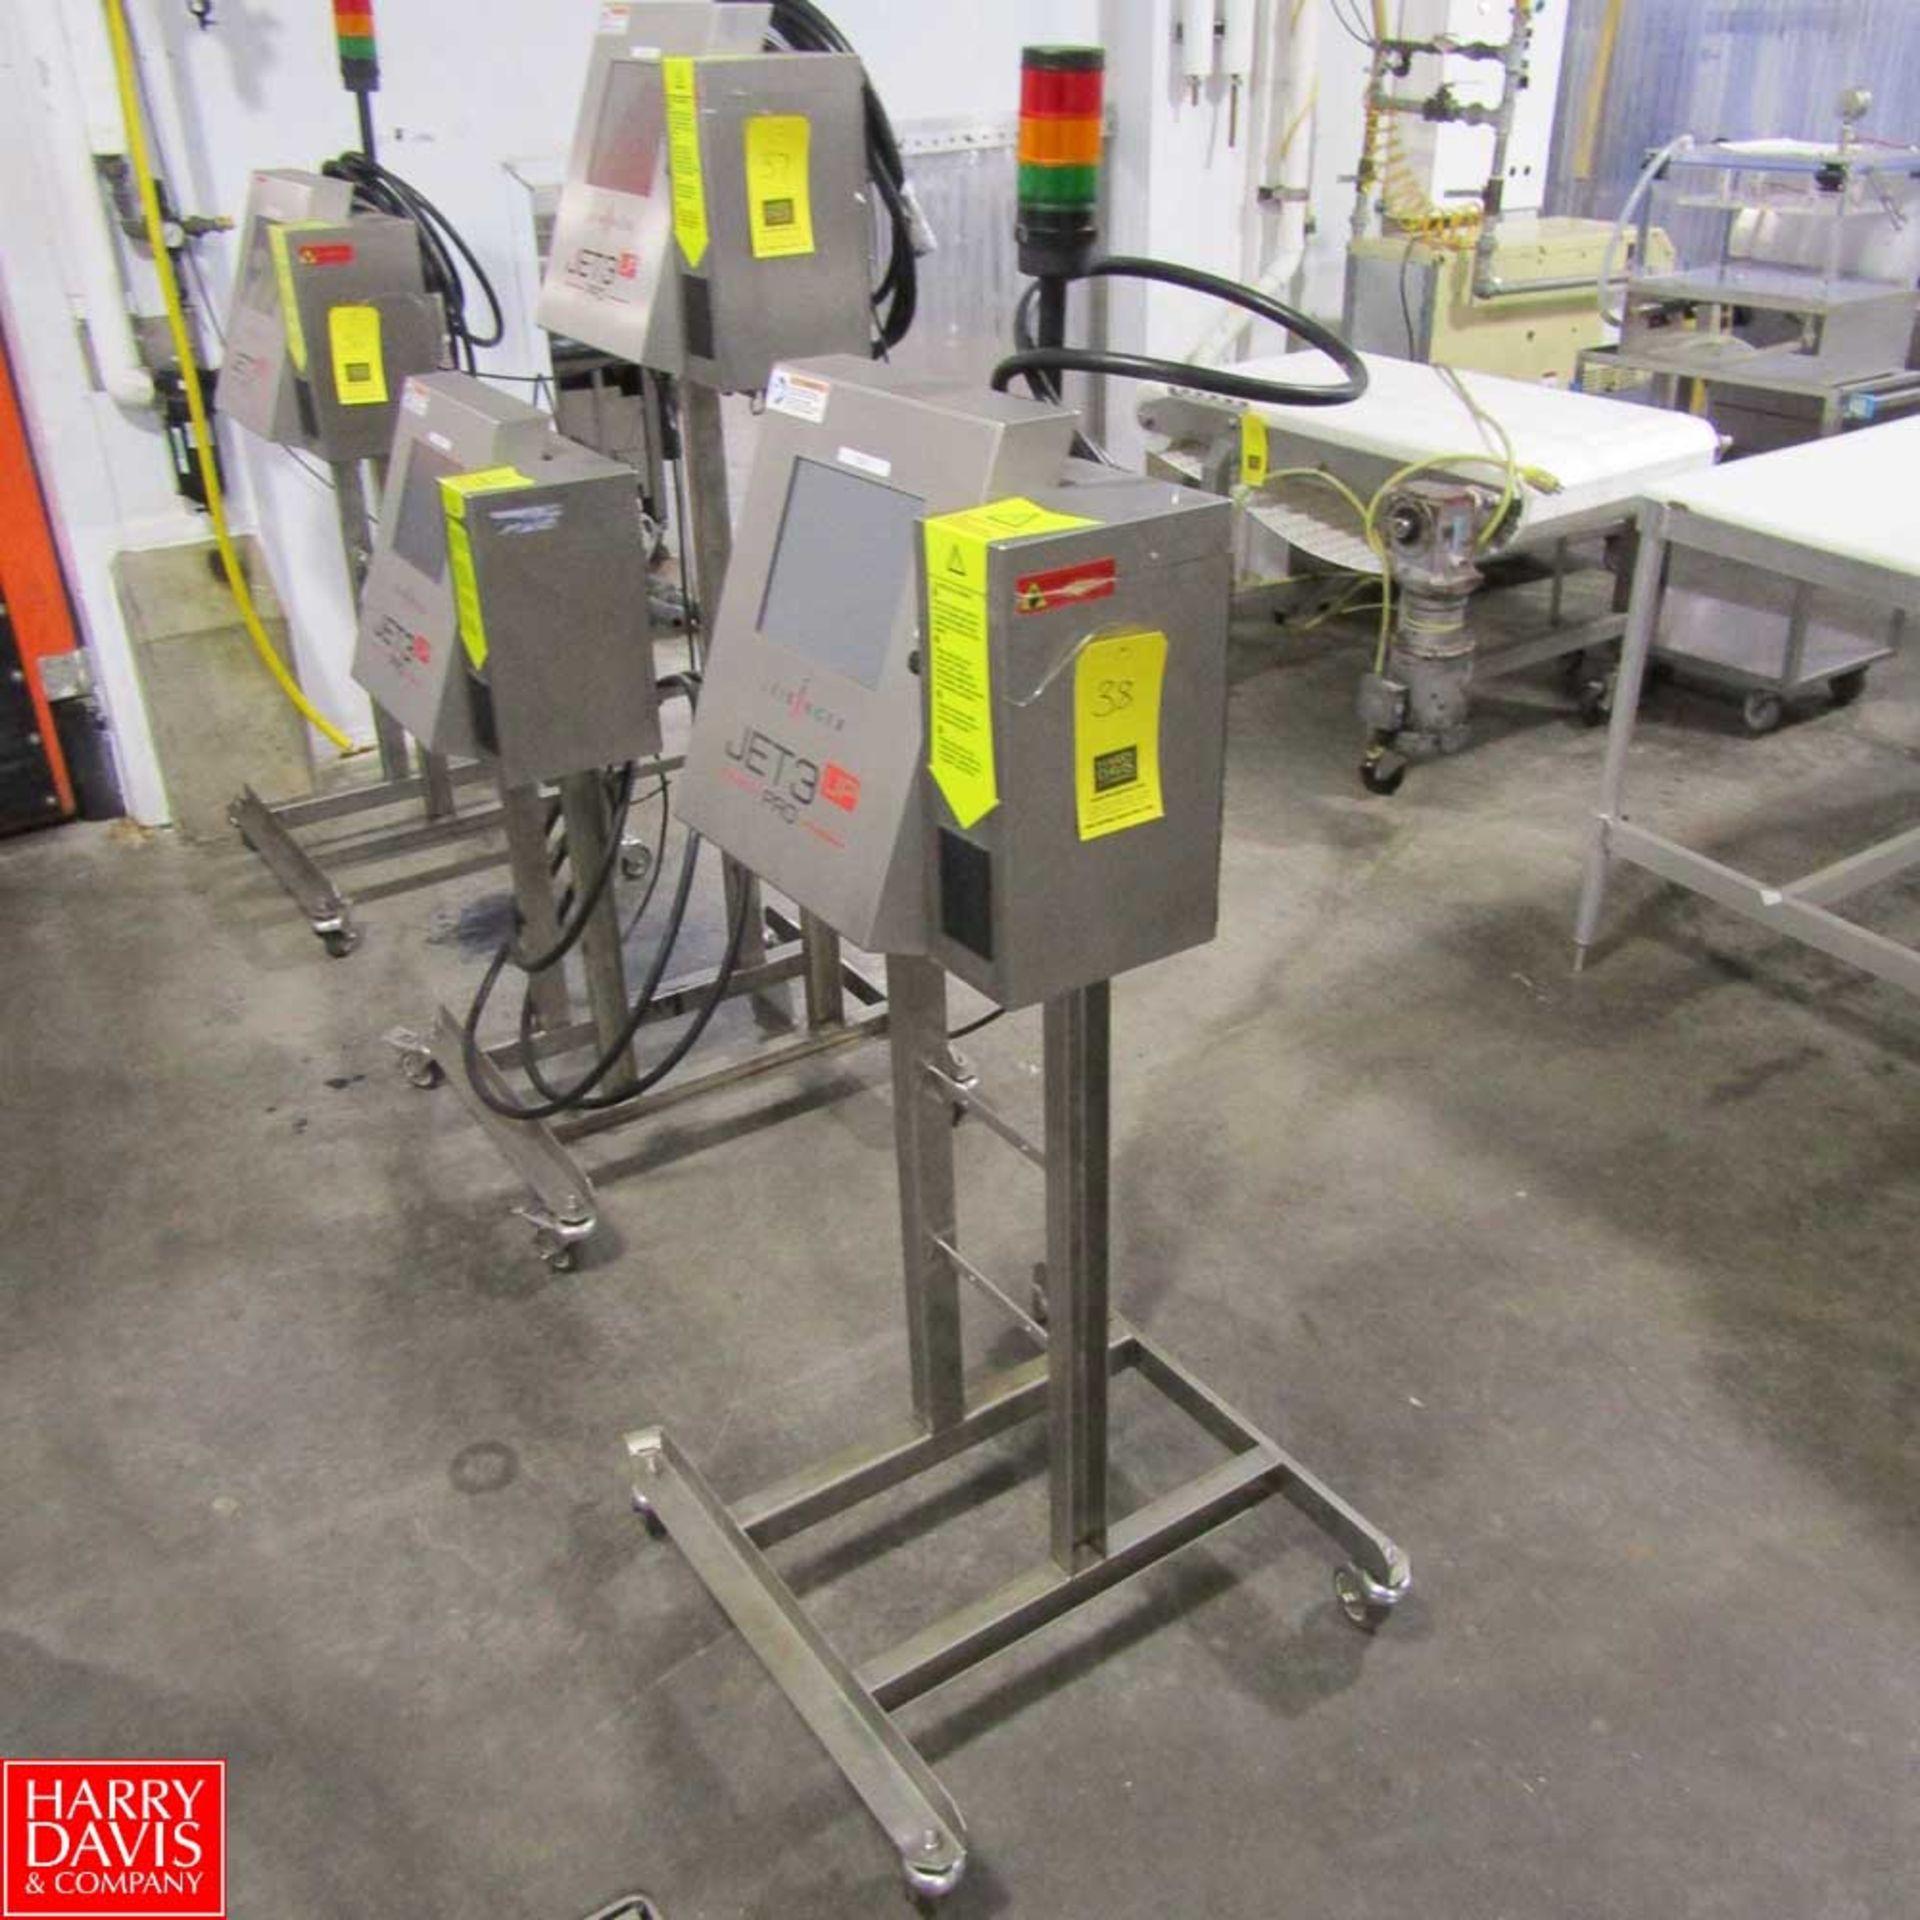 Lot 38 - Leibinger Inkjet Printer Model JET 3 UP PRO : SN LJ-332234 Rigging Fee: 100